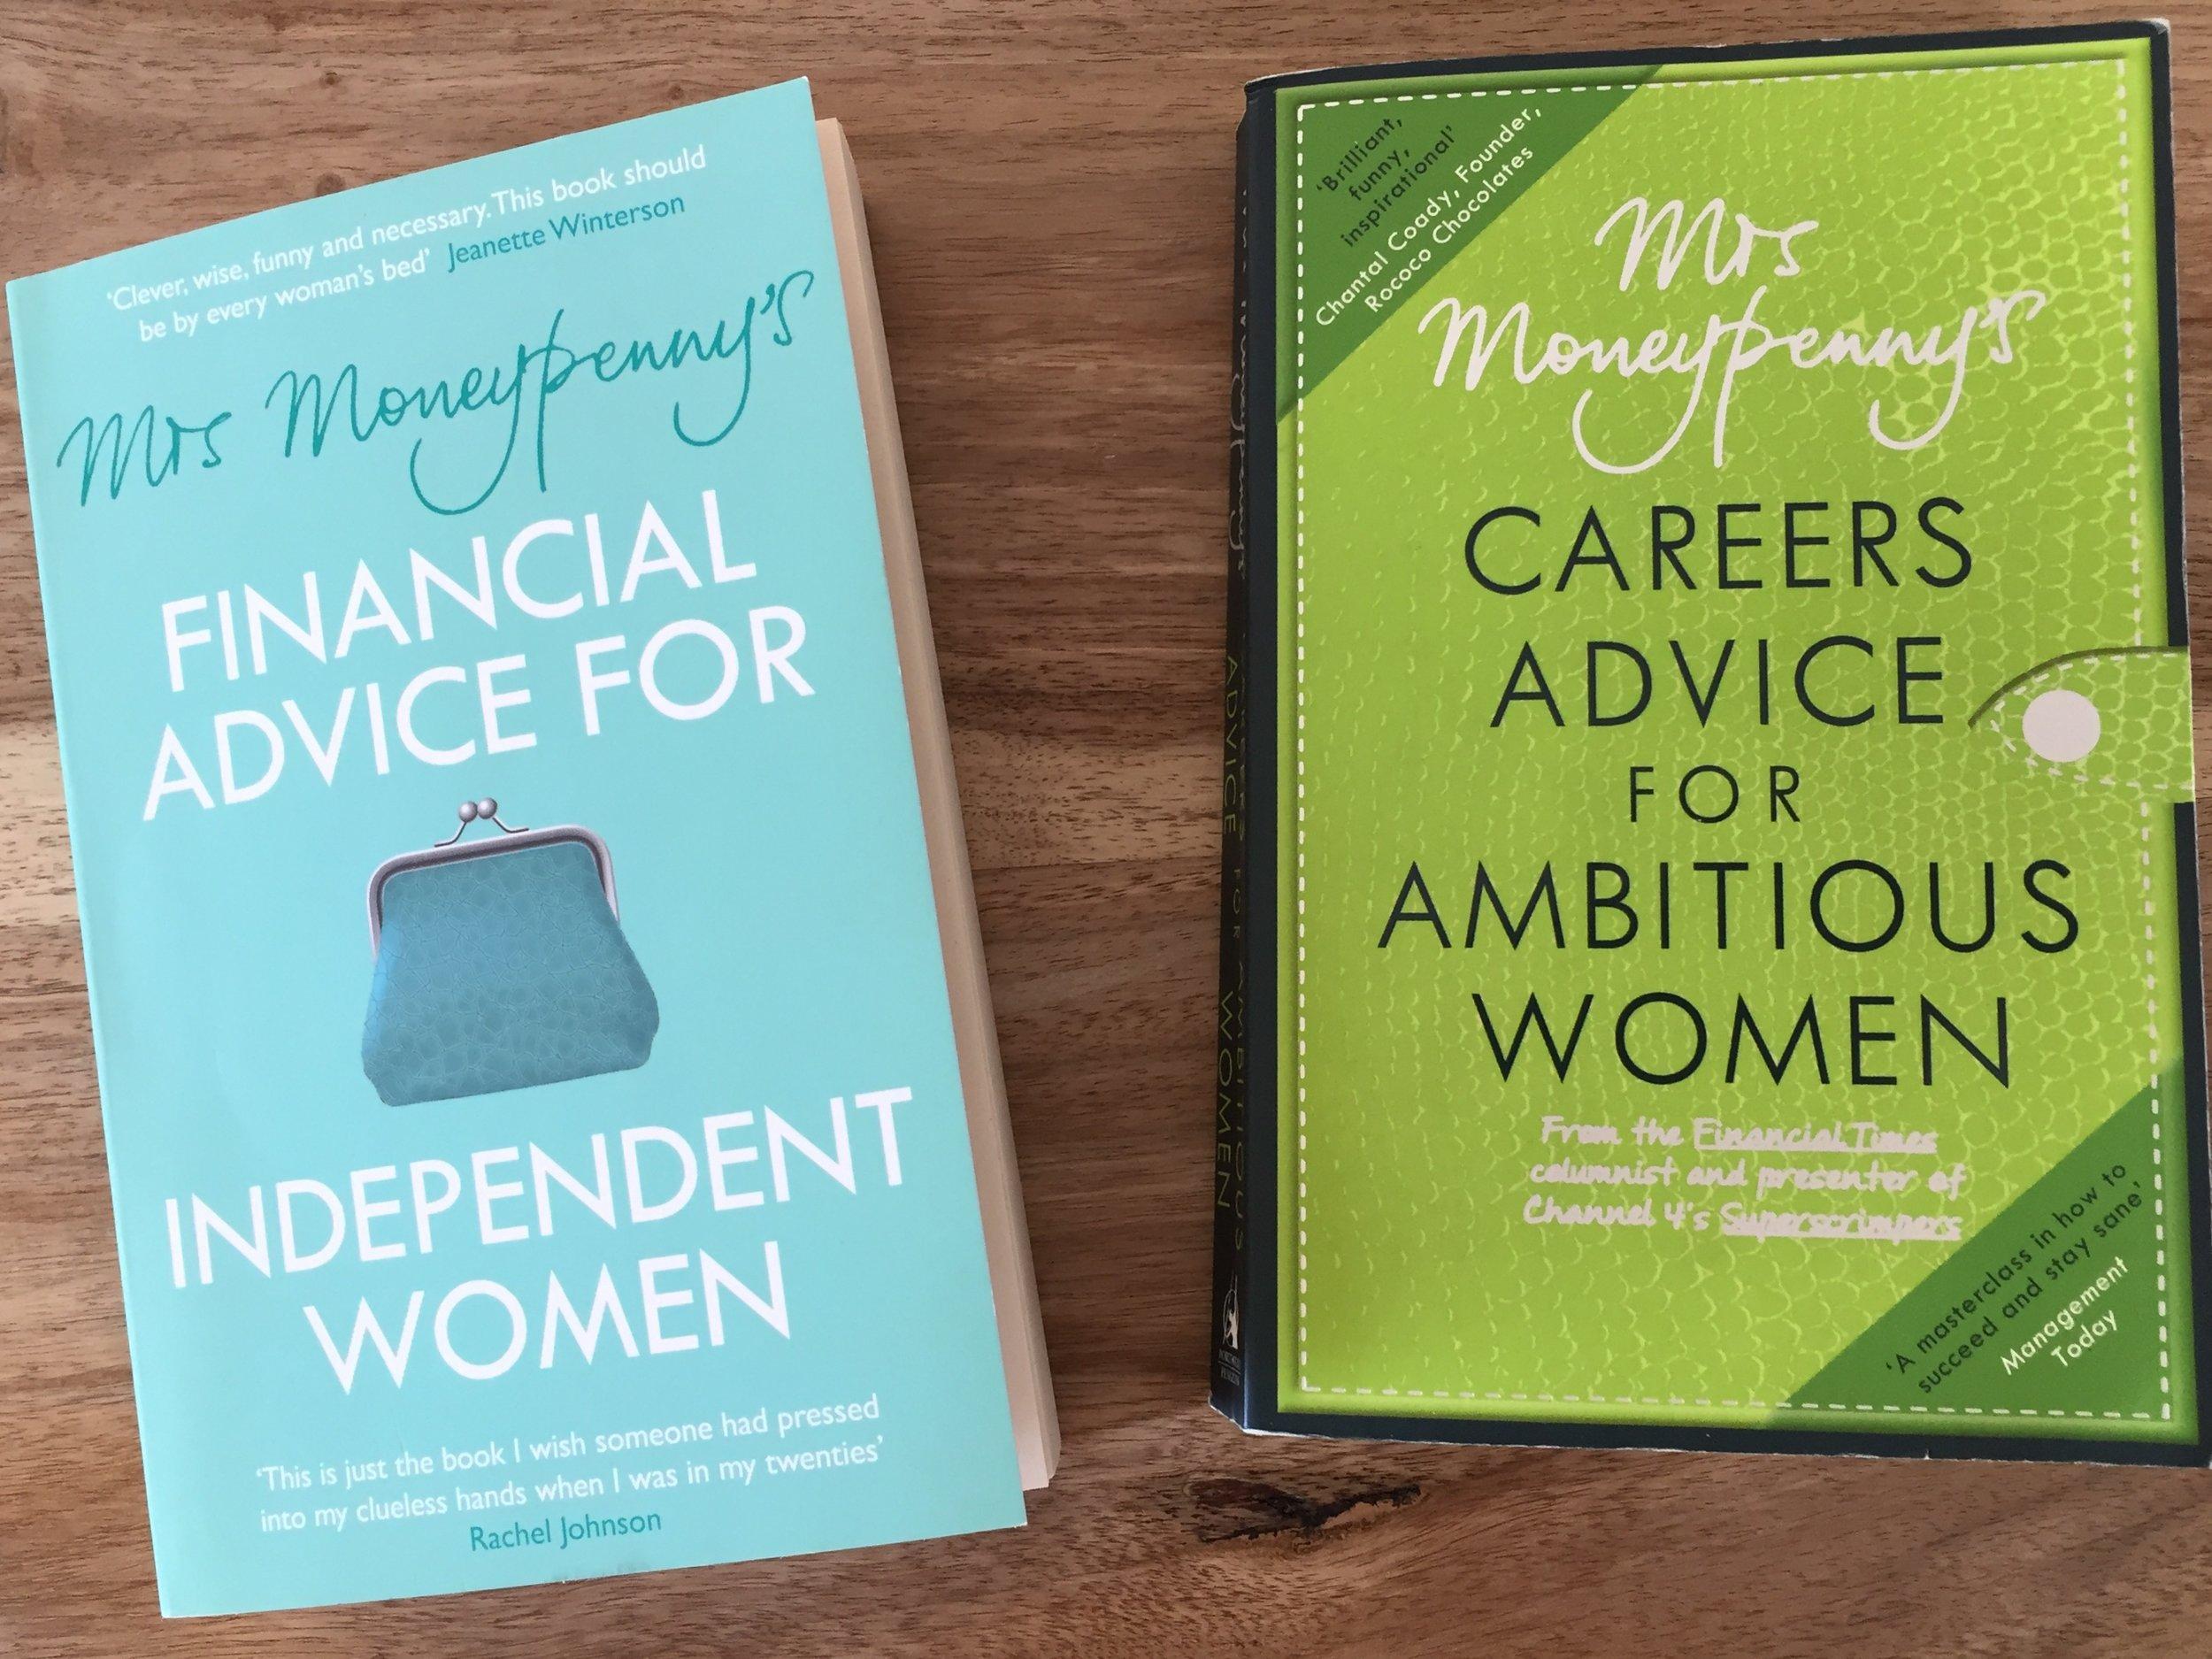 mrs money penny career advice Manuela Andaloro ownthewayoulive fealessfridays